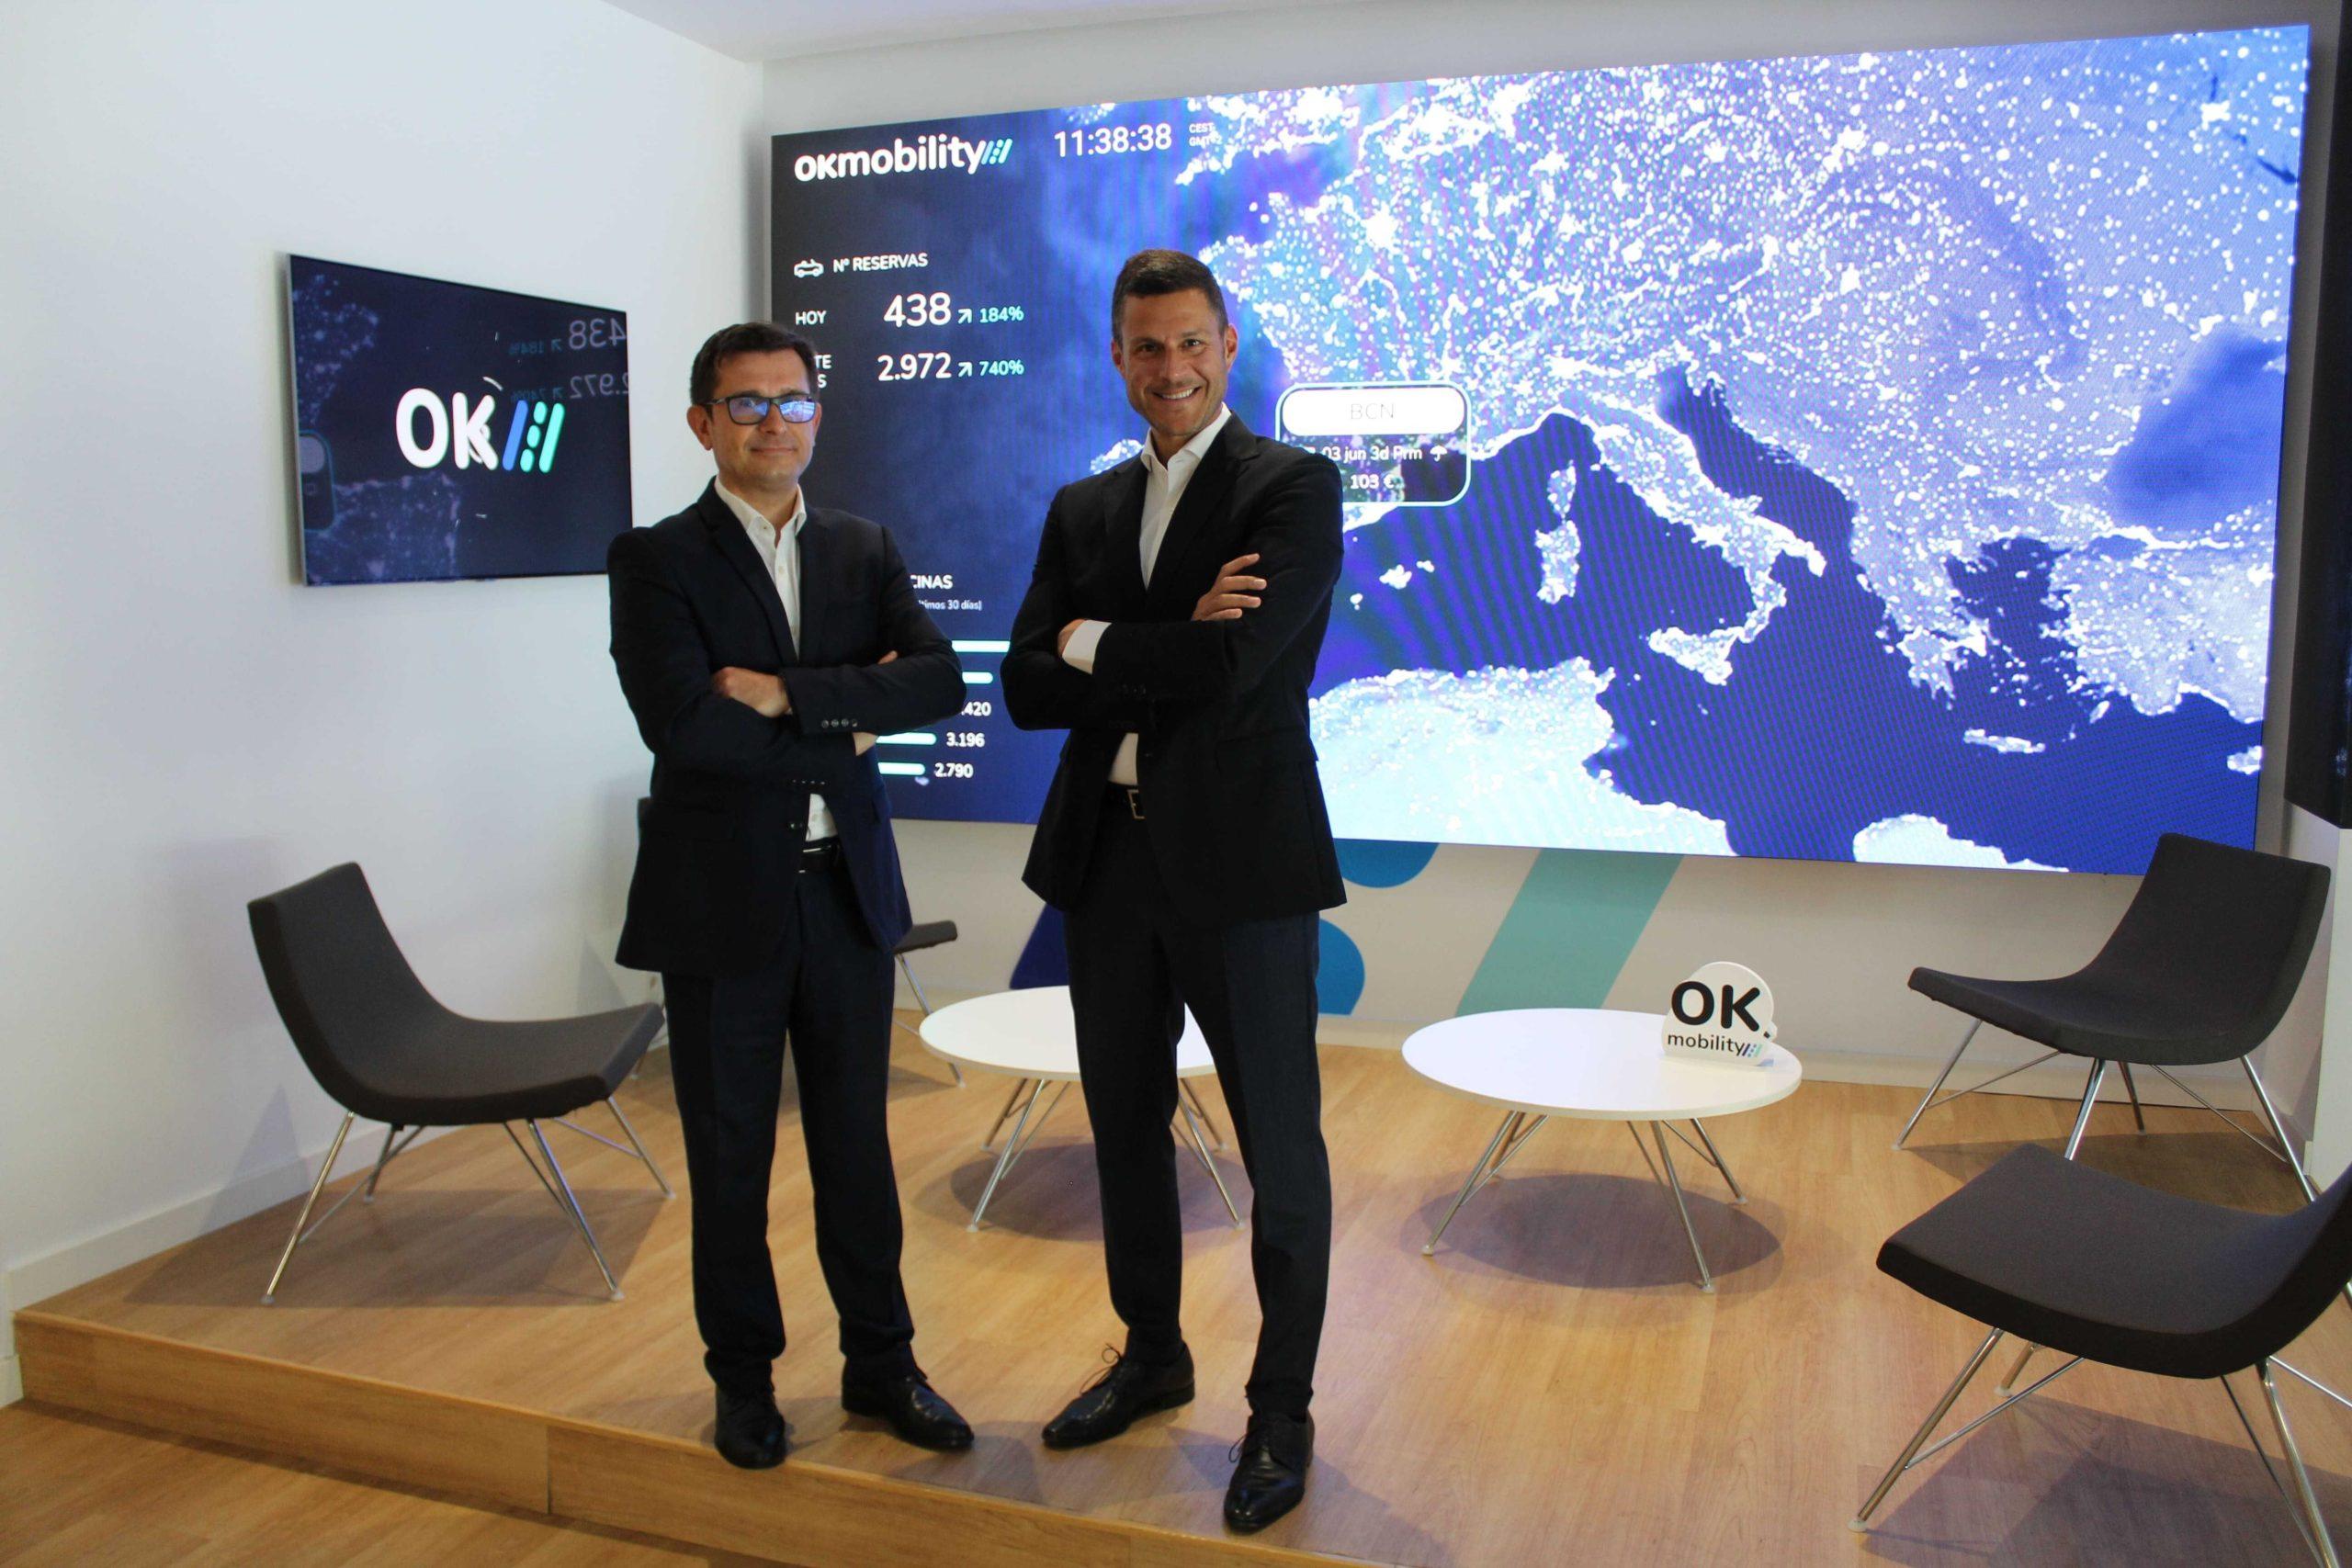 Gilles Redard, ex Director de Flota de Sixt, ficha por OK Mobility Group